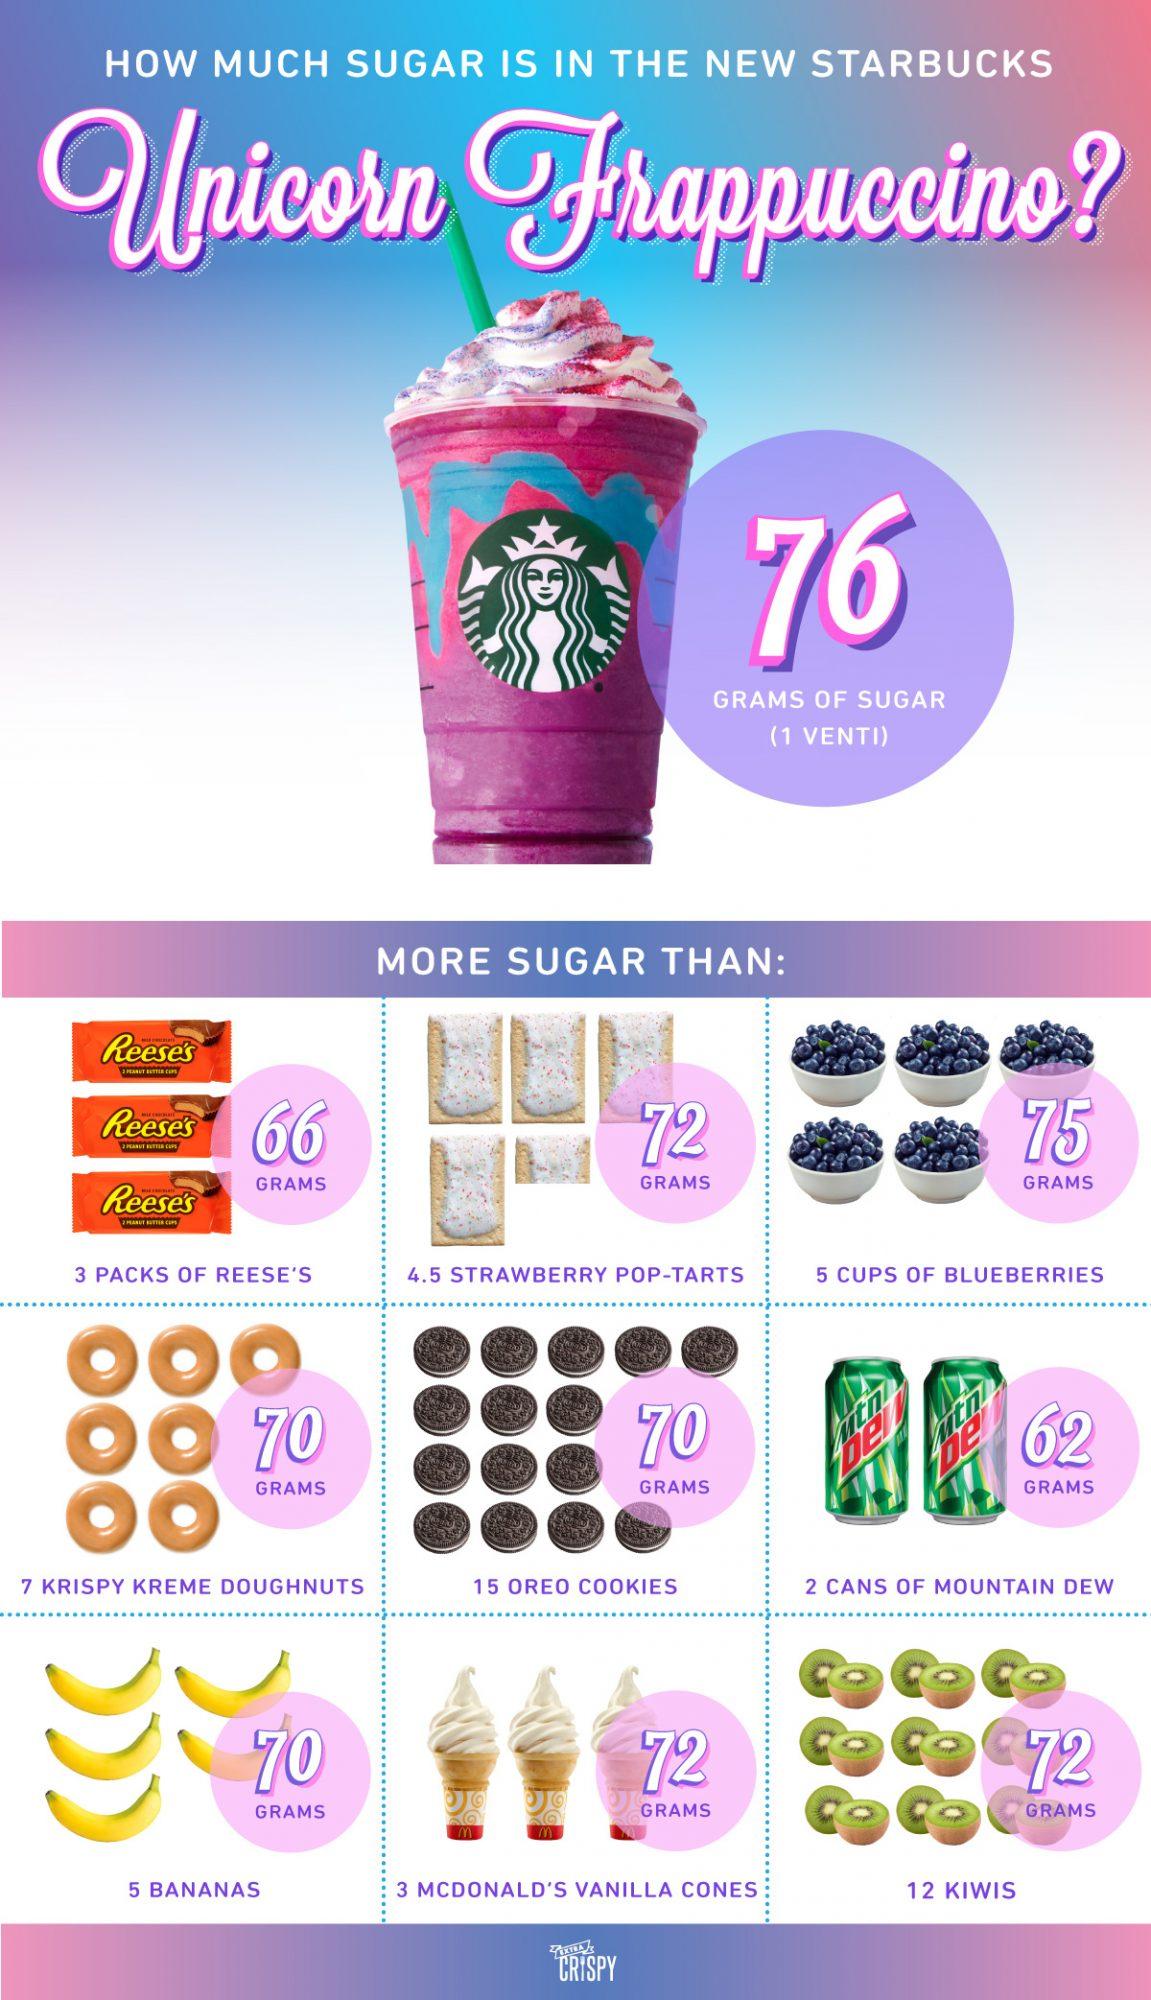 EC:  message-editor%2F1492810362893-unicorn-frappuccino-sugar-content